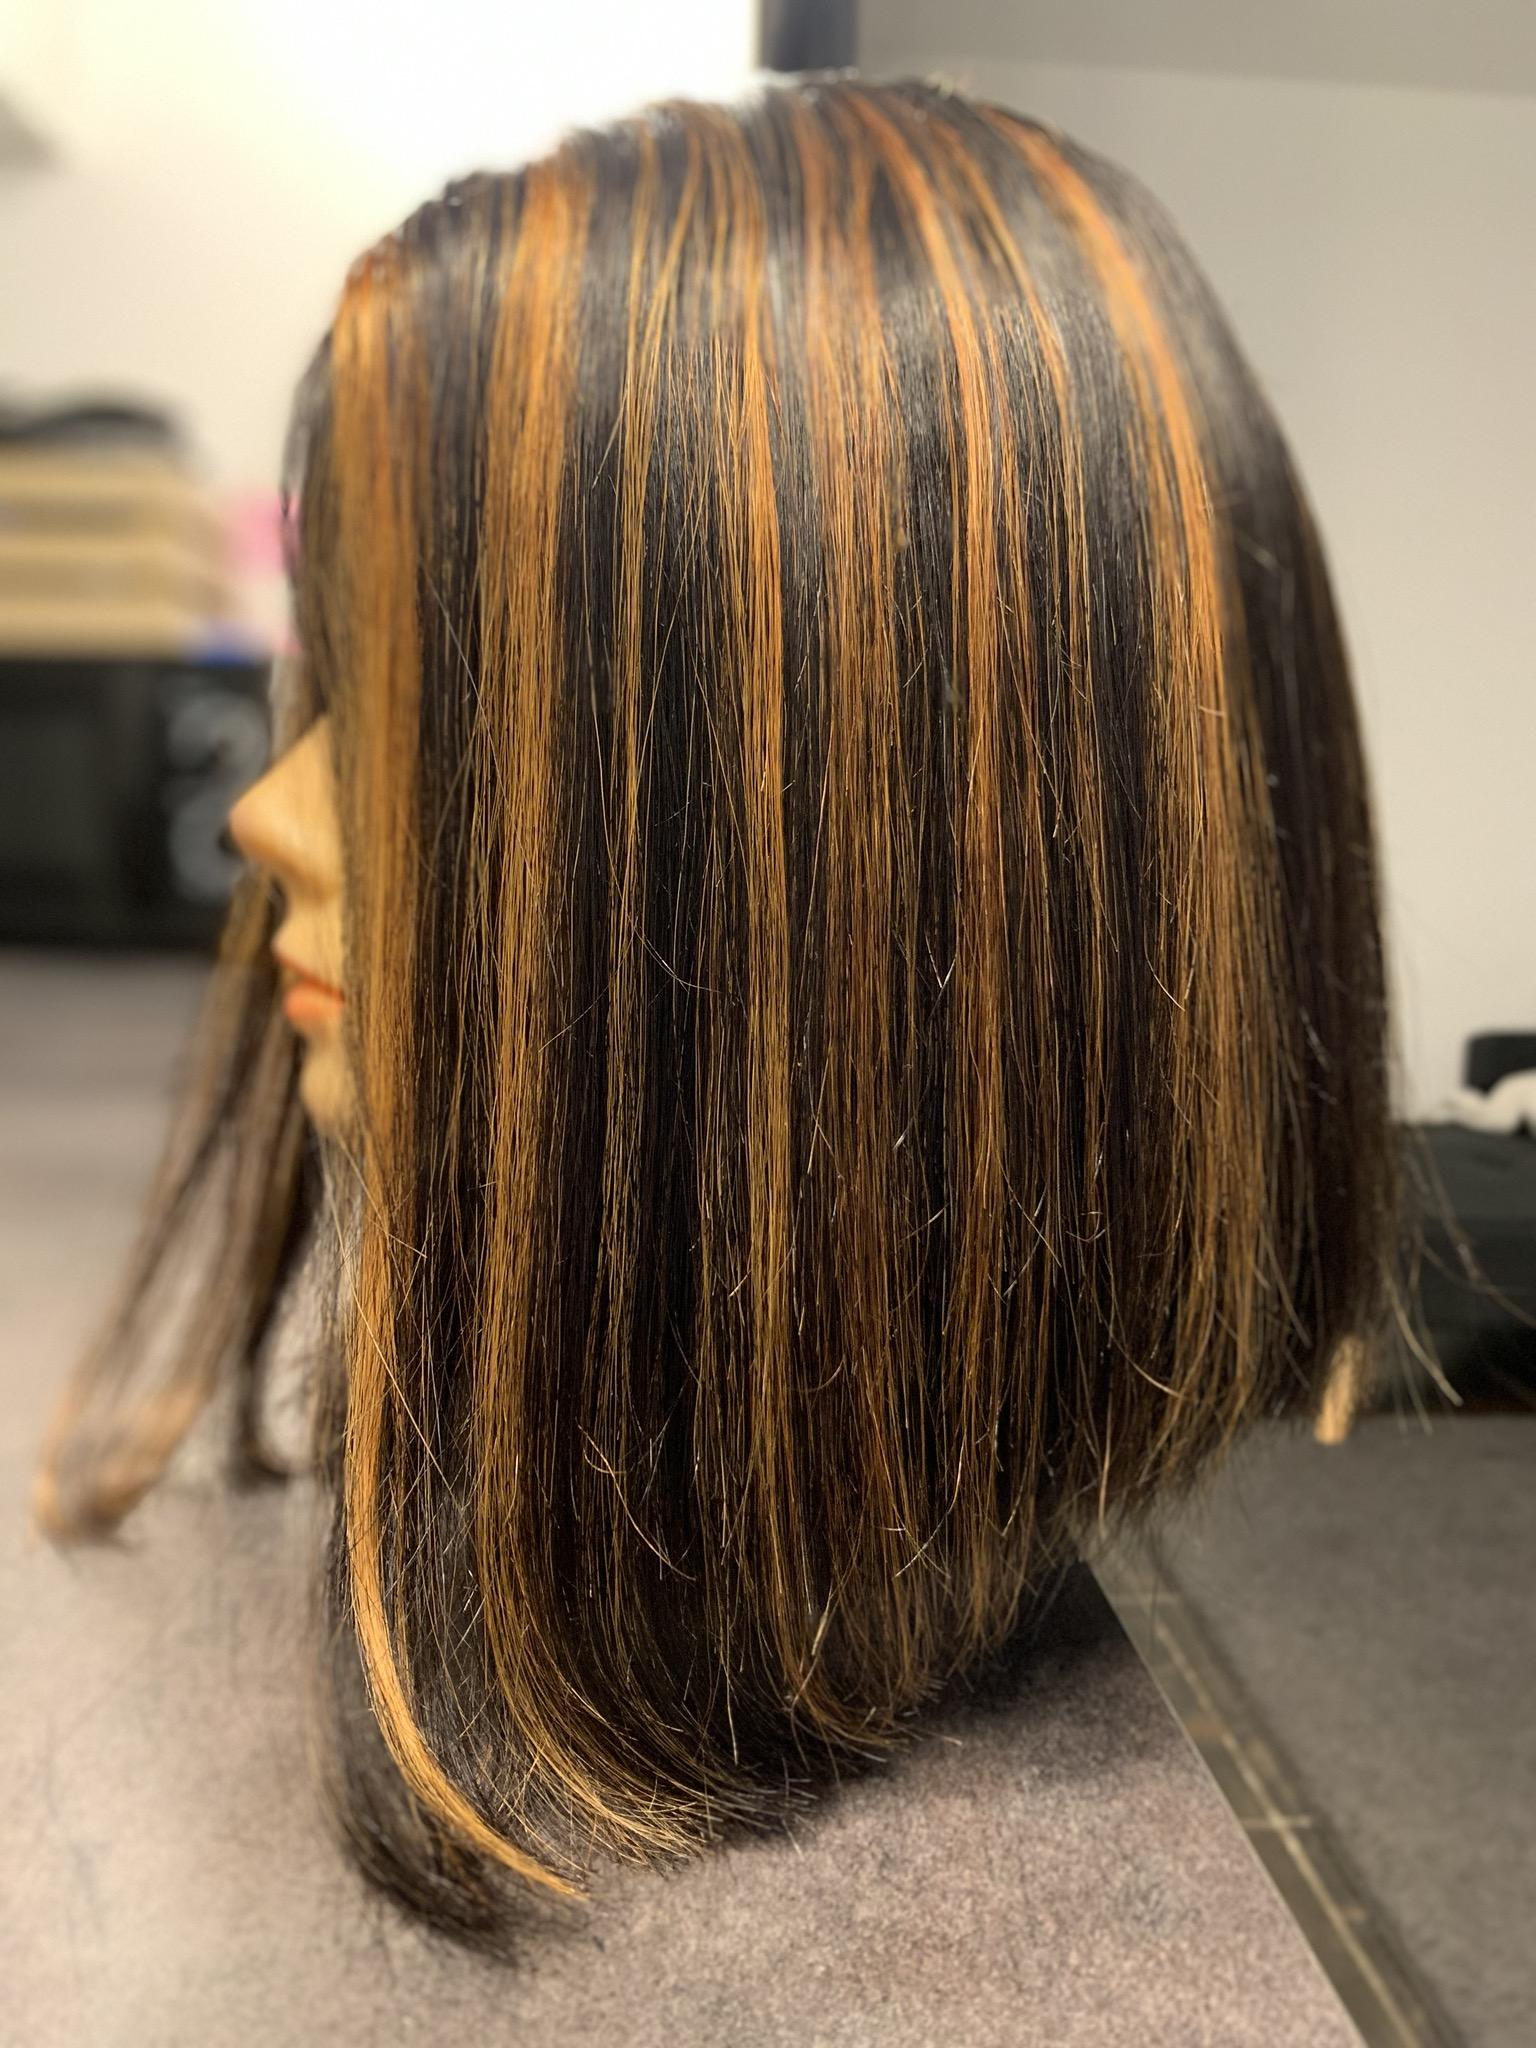 salon de coiffure afro tresse tresses box braids crochet braids vanilles tissages paris 75 77 78 91 92 93 94 95 IZHVHRYS